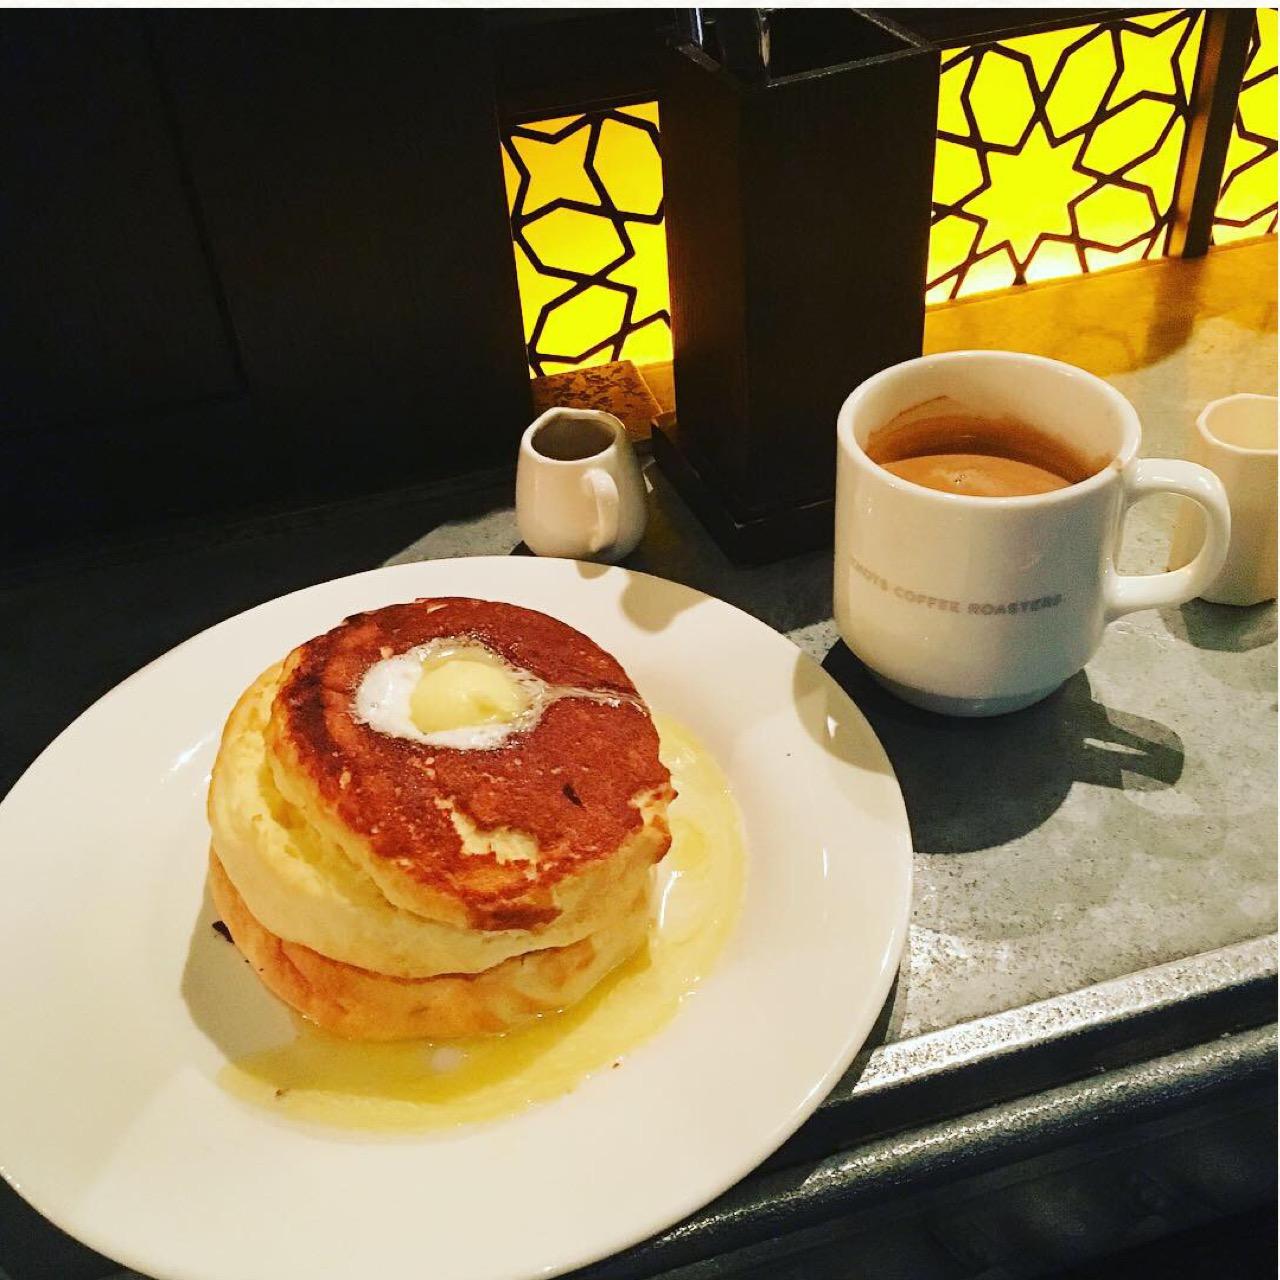 シンプルだからこそおいしい!6th by ORIENTAL HOTELのパンケーキがオススメすぎる♡_3